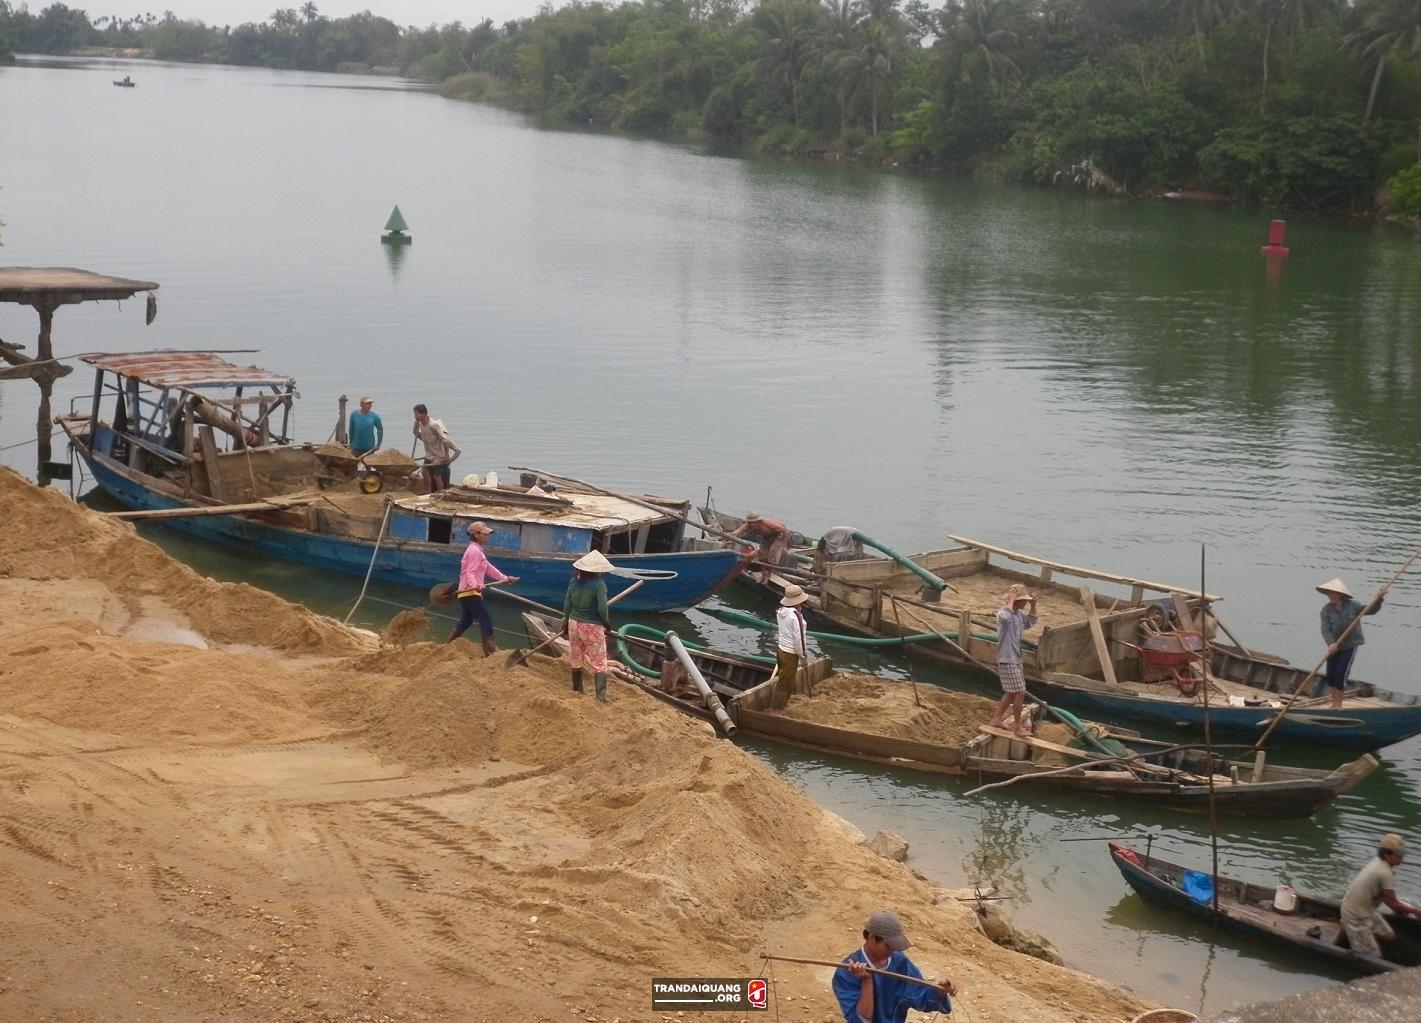 Các mỏ cát bị cấm khai thác dẫn tới việc giá cát tăng cao